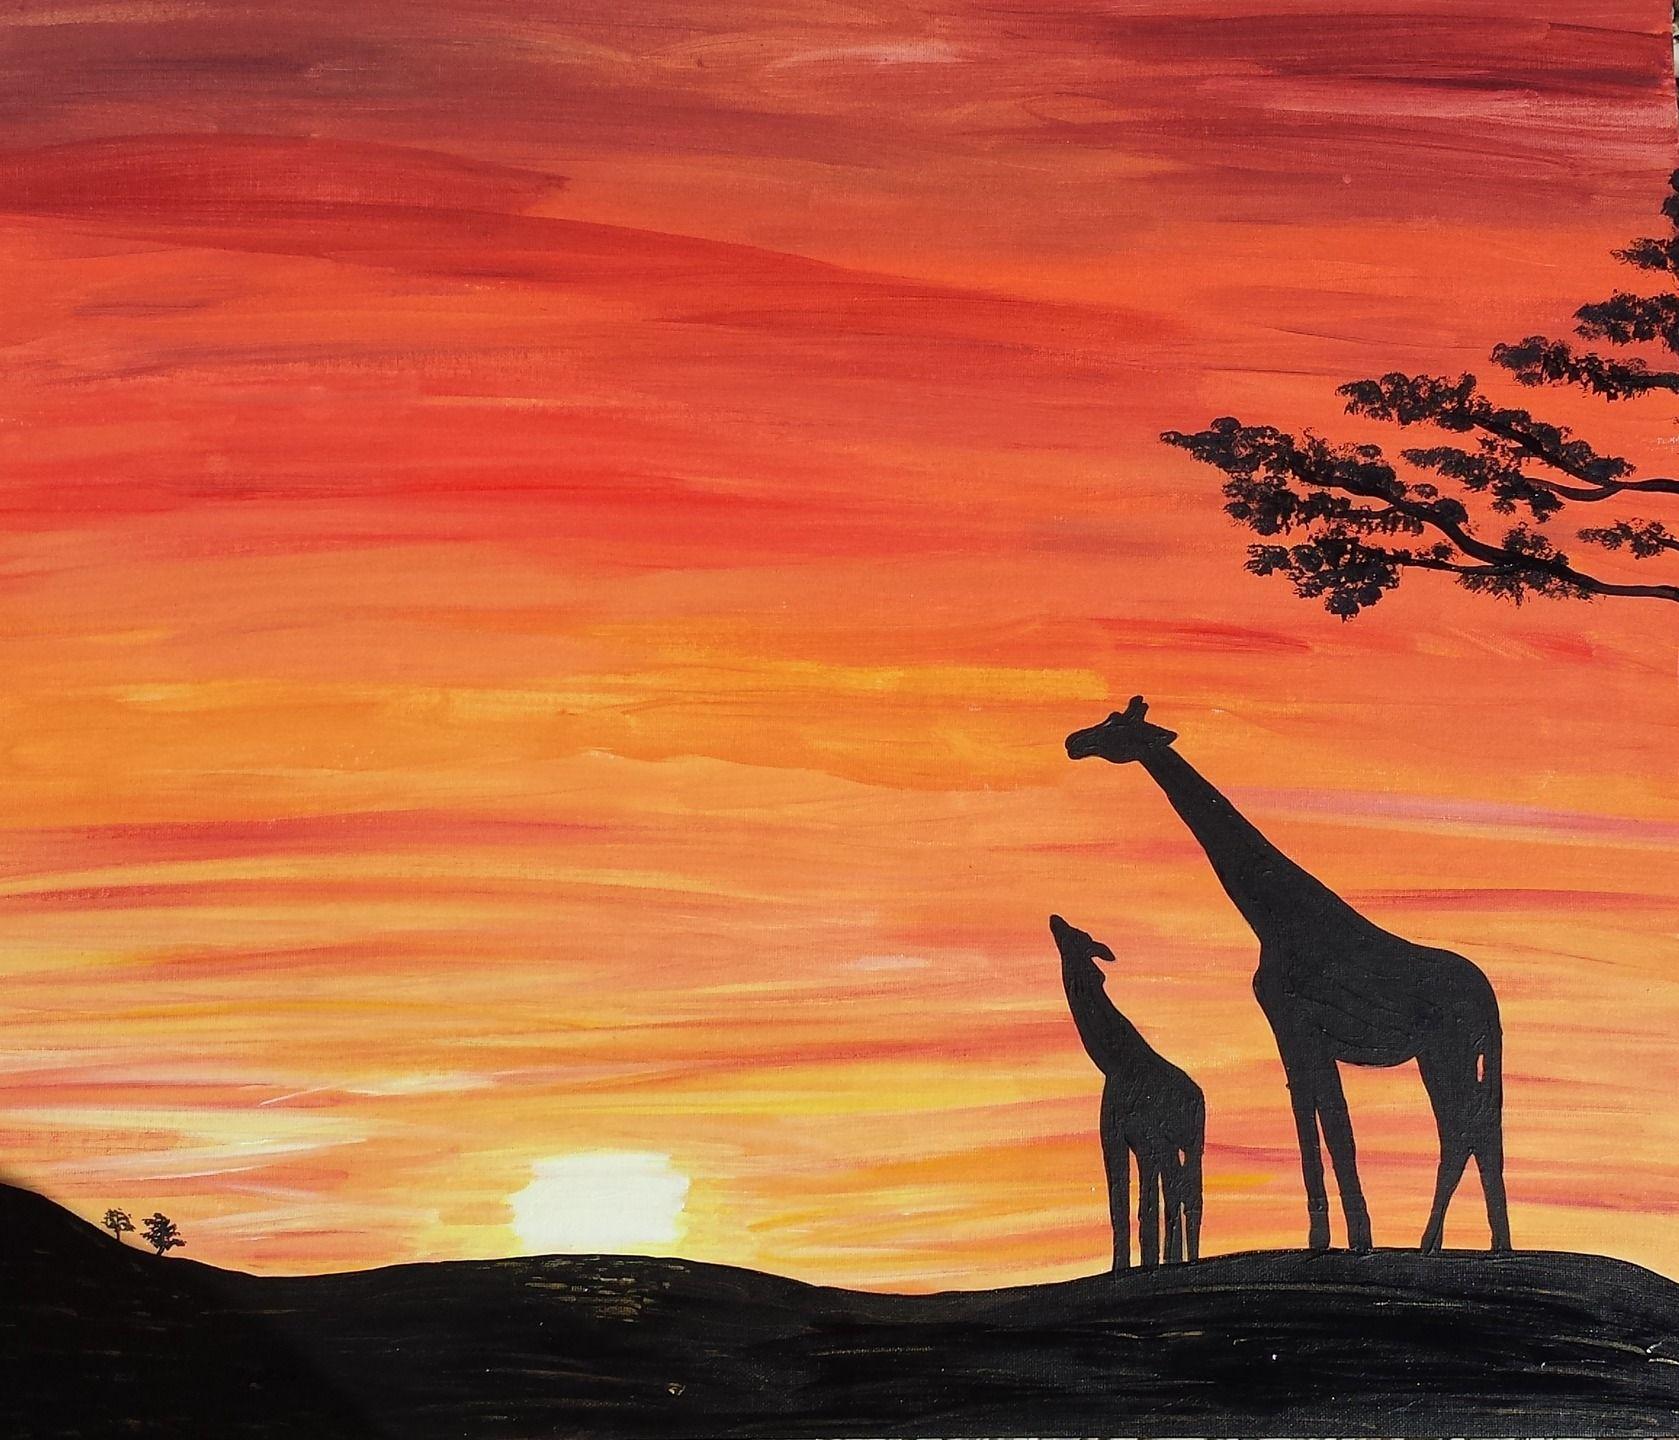 Magnifique coucher de soleil sur la savane peintures par creations chal home deco en 2019 - La savane dessin ...